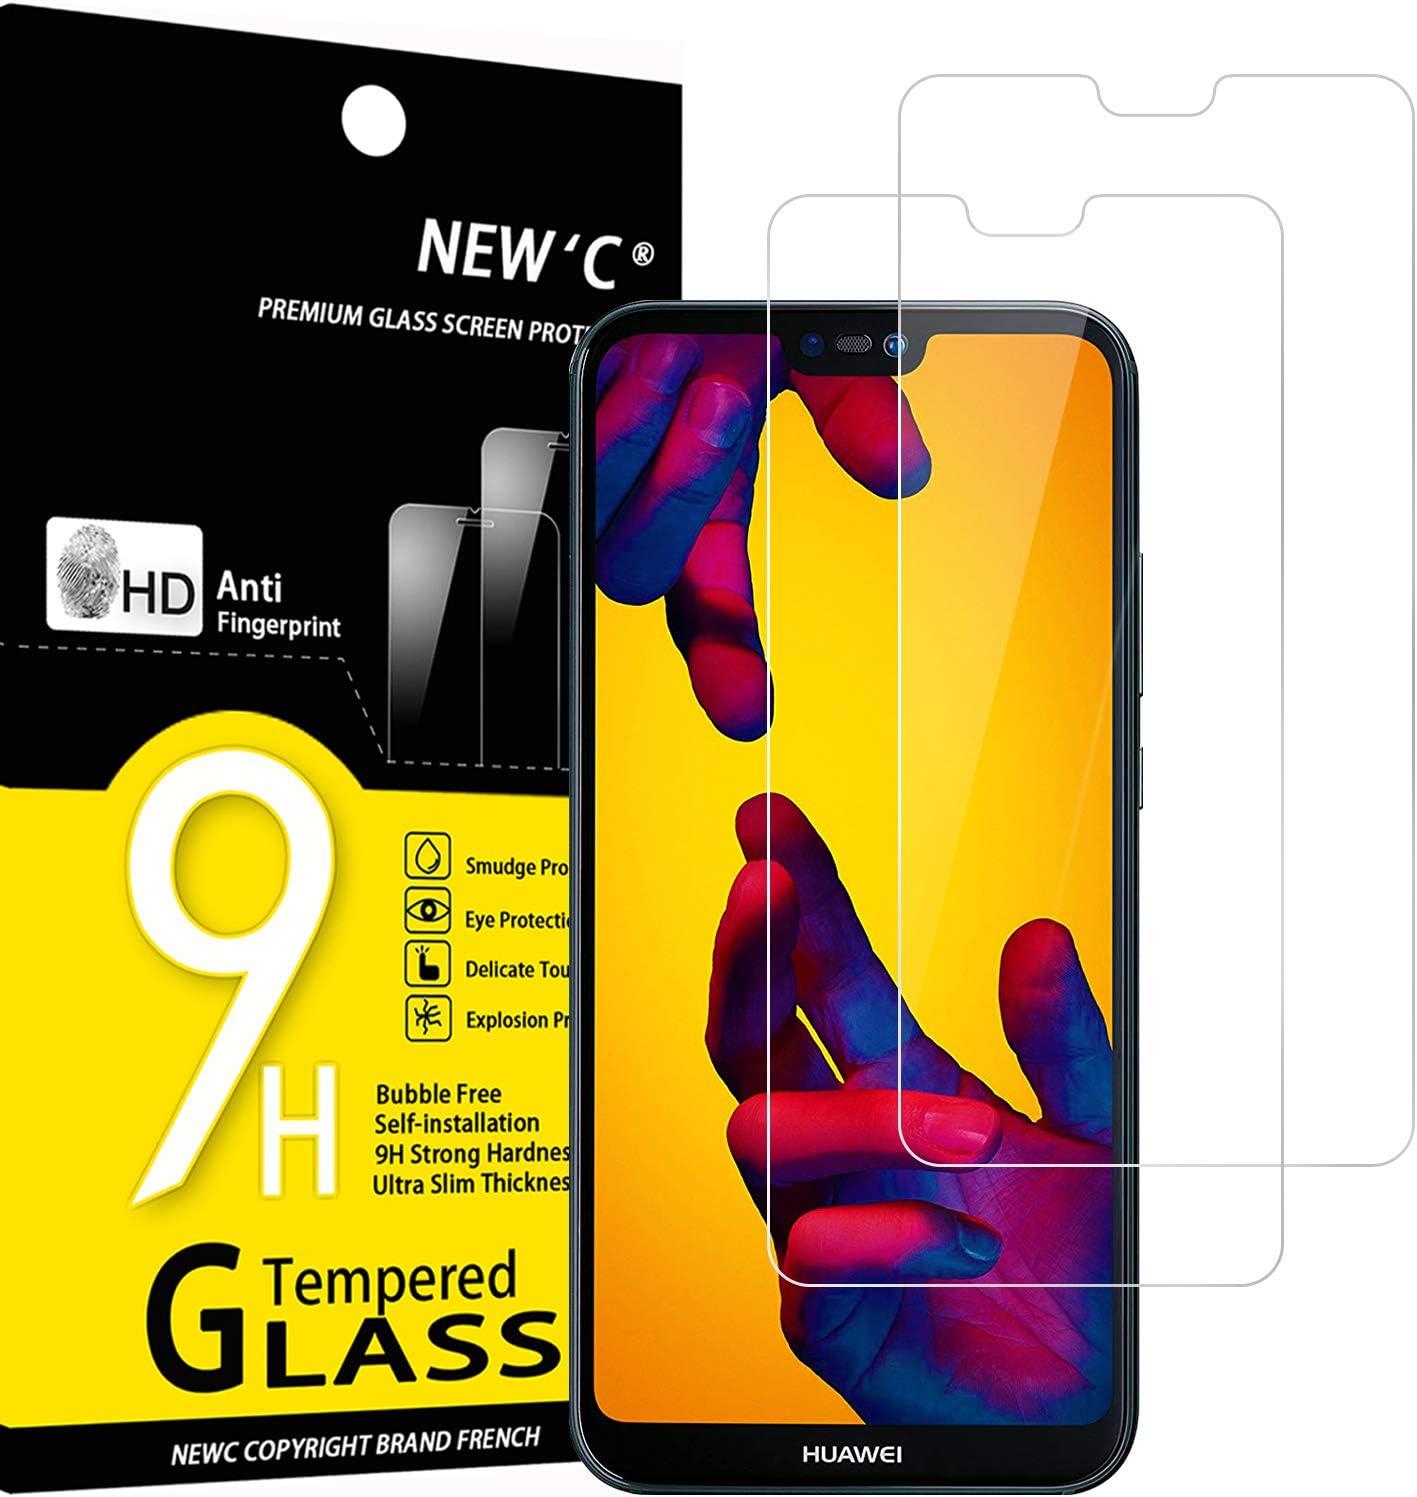 NEW'C 2 Unidades, Protector de Pantalla para Huawei P20 Lite, Nova 3e, Antiarañazos, Antihuellas, Sin Burbujas, Dureza 9H, 0.33 mm Ultra Transparente, Vidrio Templado Ultra Resistente